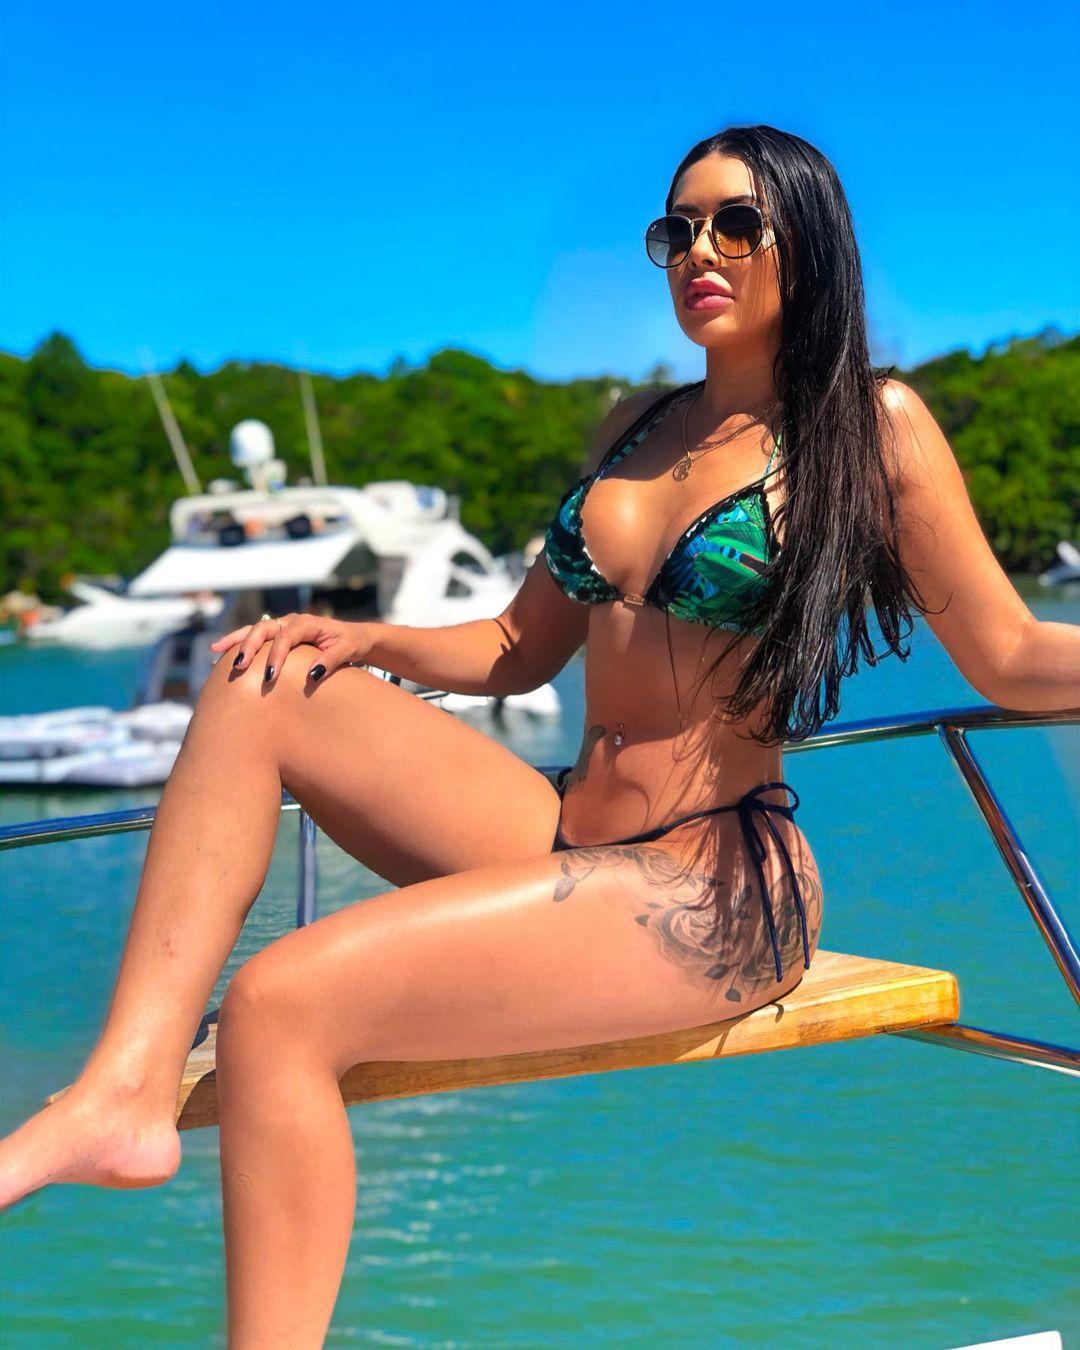 Deia Cavalheiro vai representar o Mato Grosso do Sul no Miss Bumbum 2021